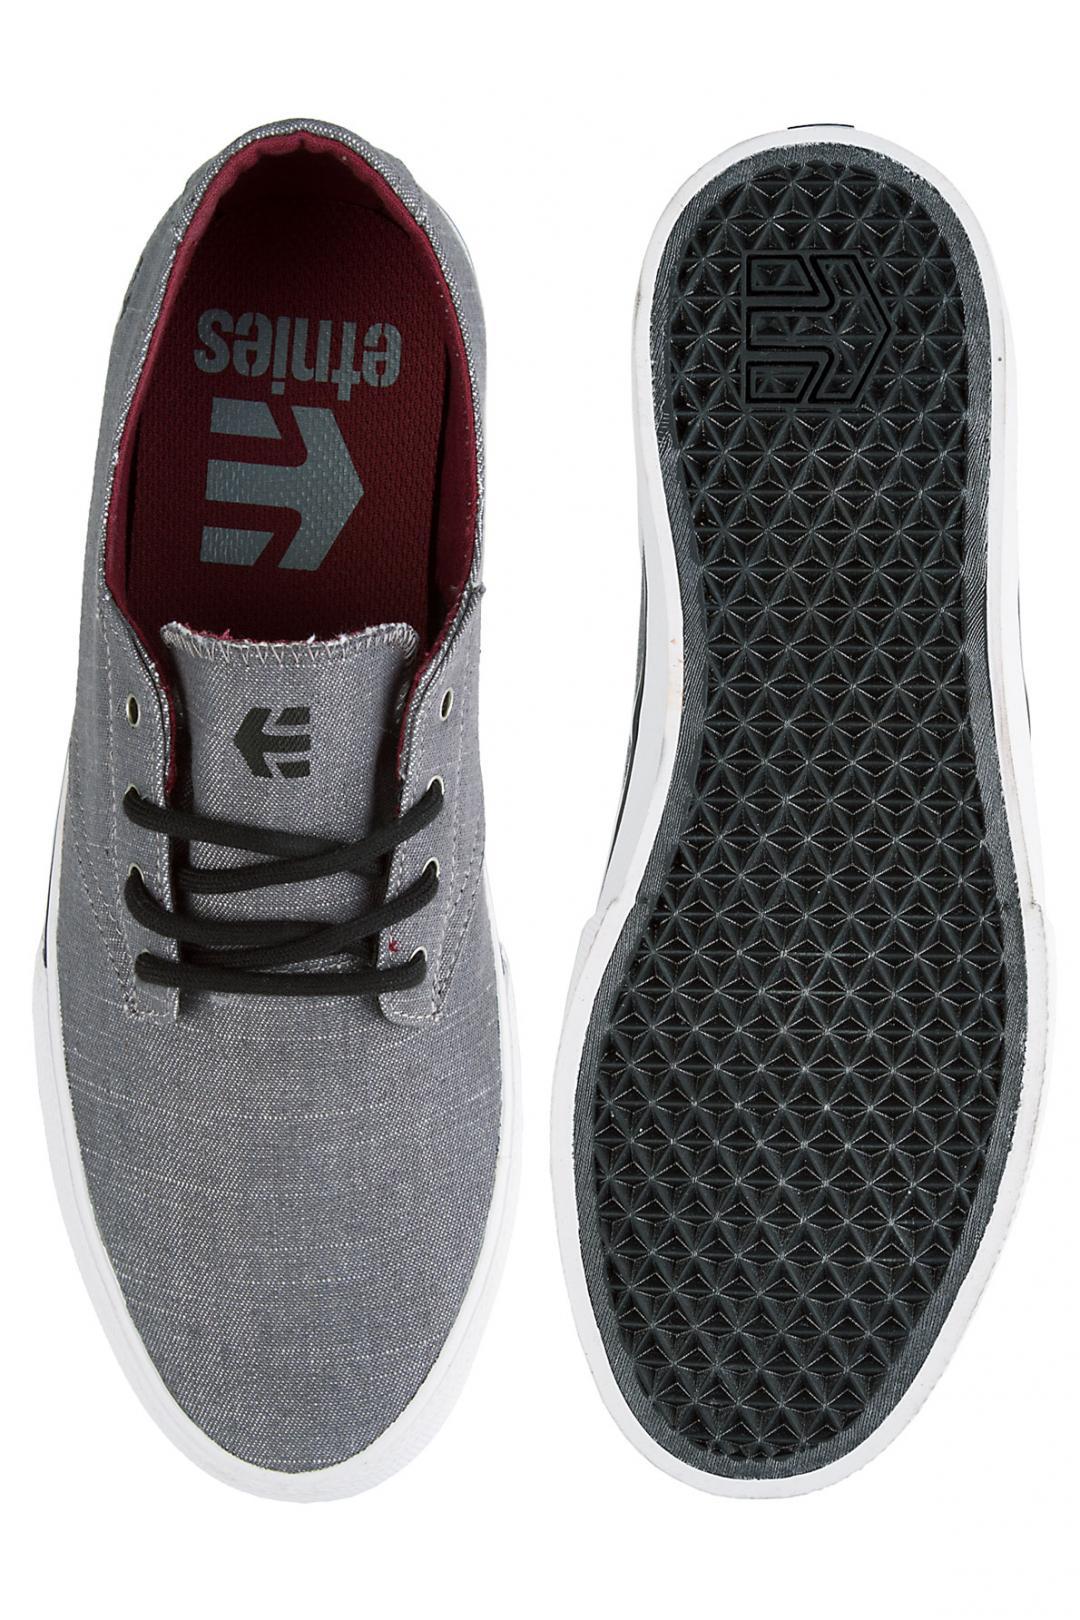 Uomo Etnies Jameson Vulc LS grey   Scarpe da skate